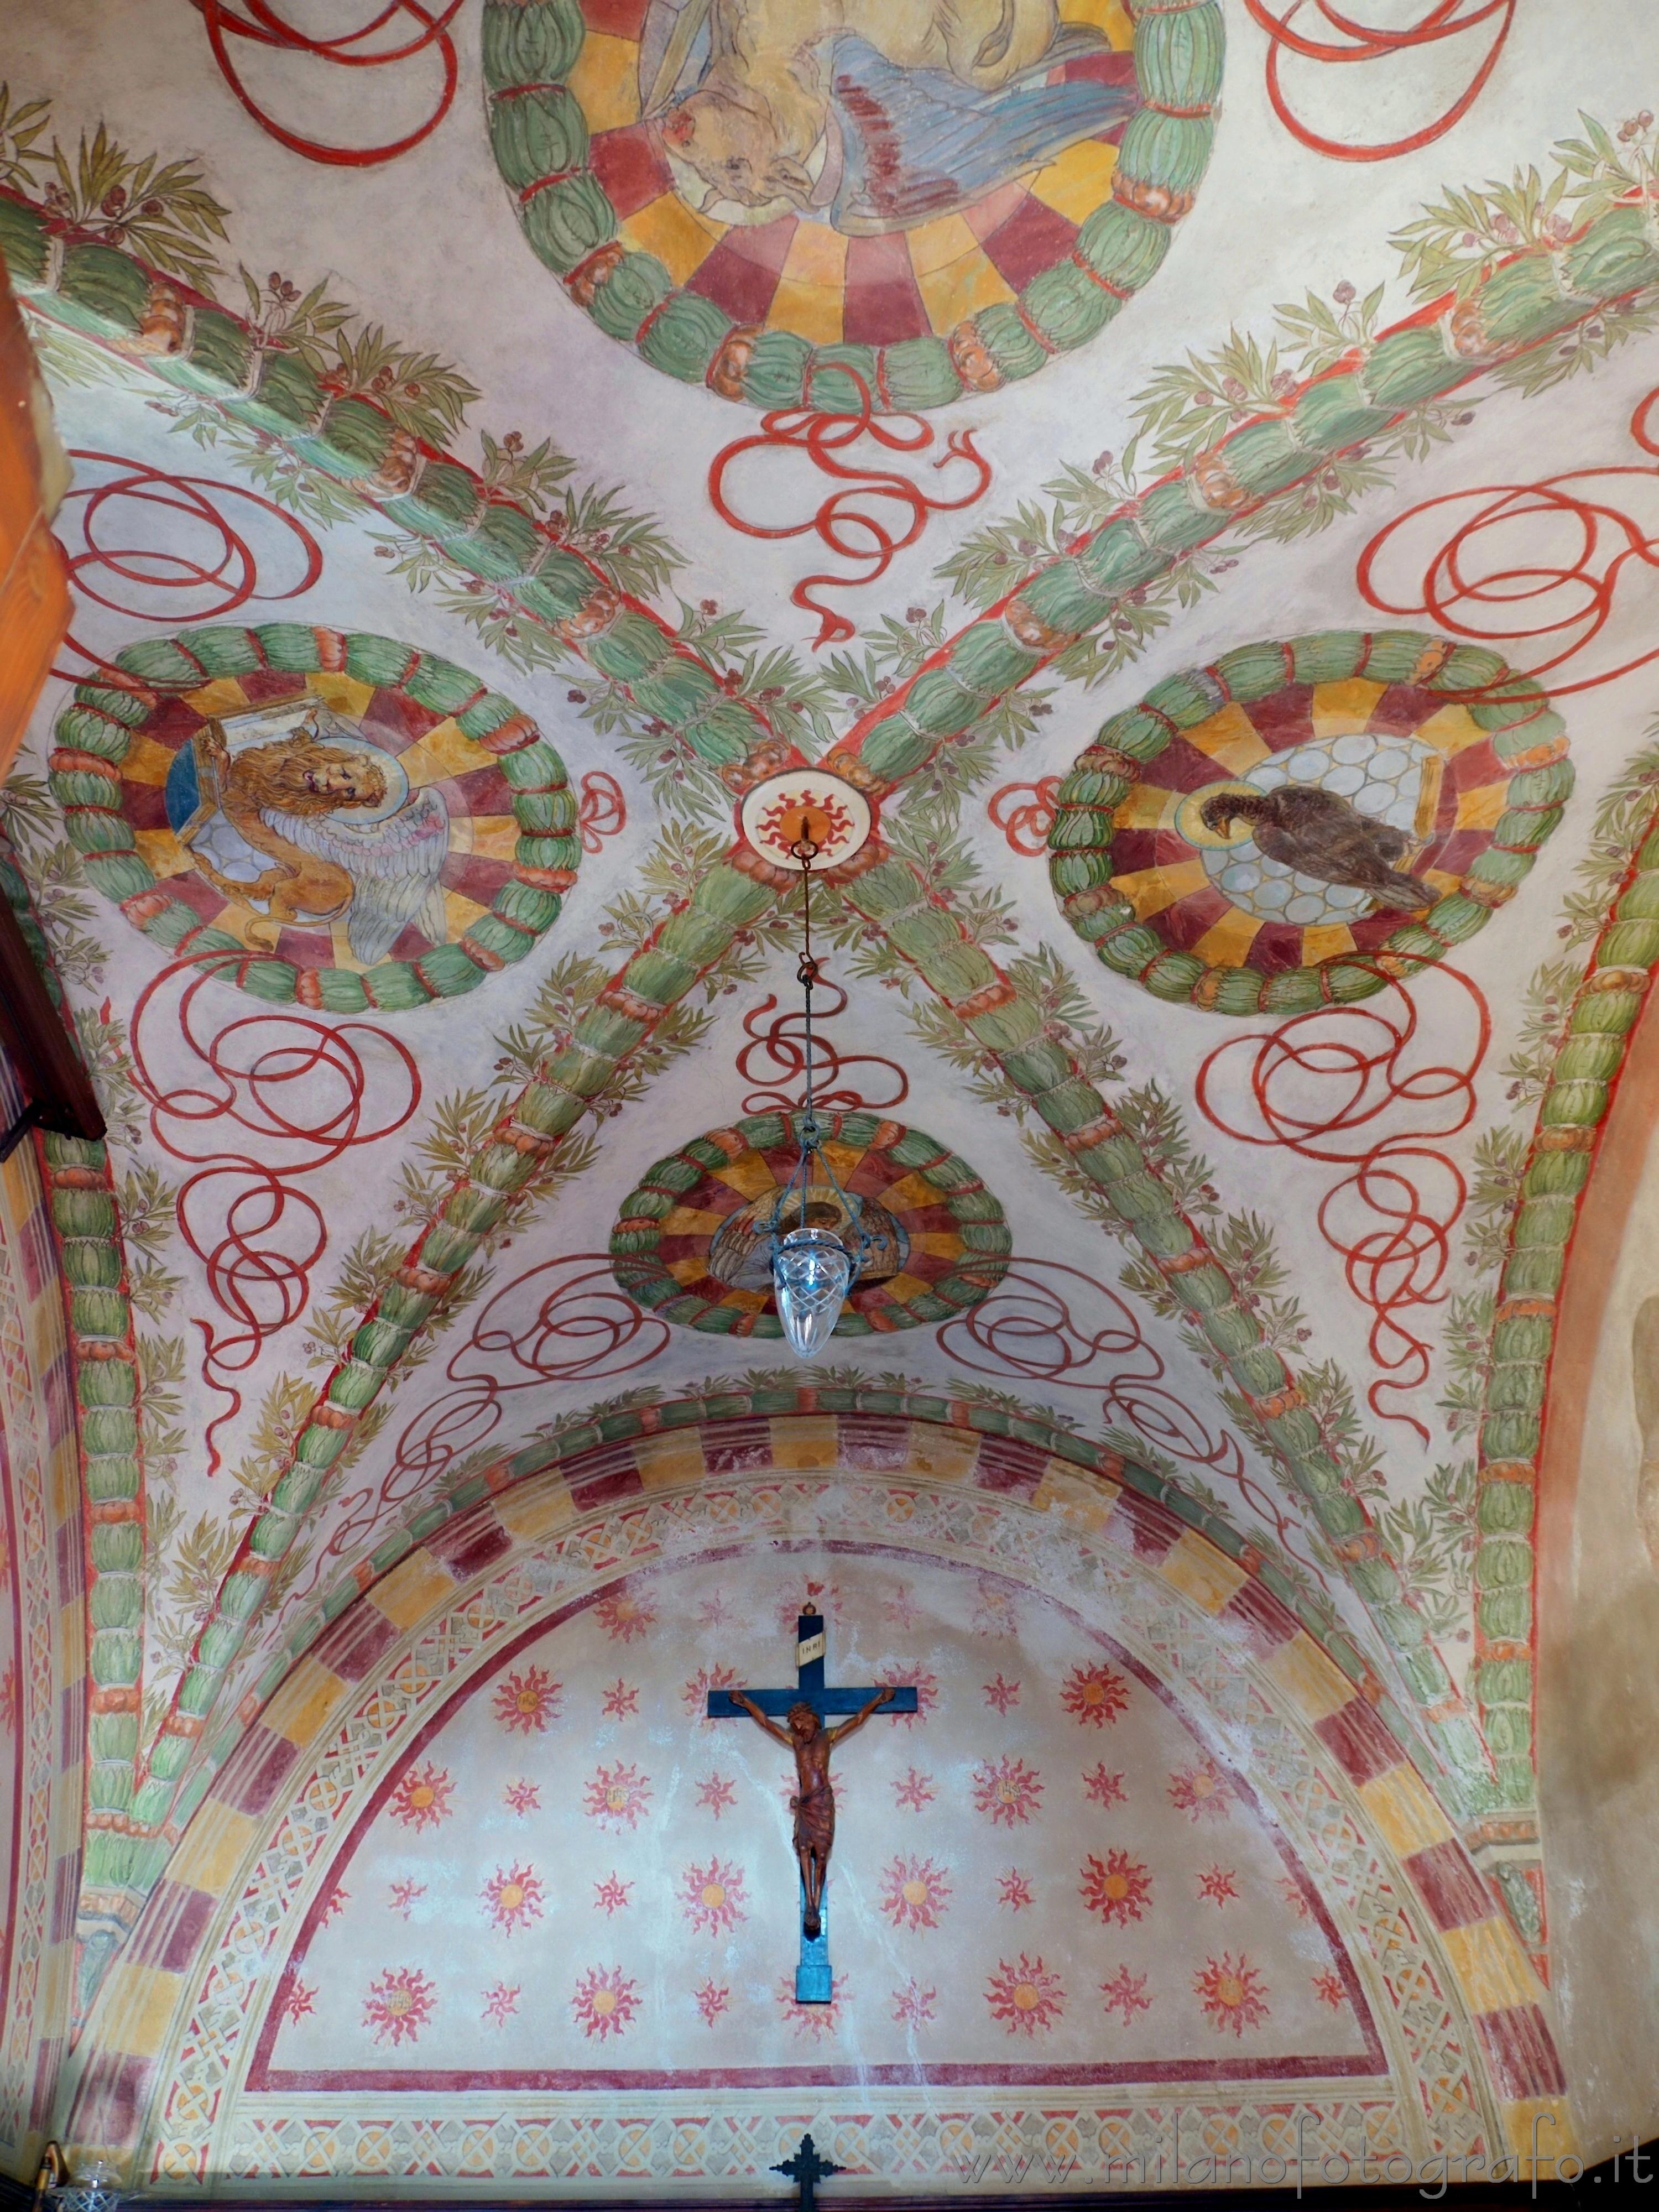 Milano: Soffitto affrescato della cappella privata di Villa Mirabello - immagine a piena risoluzione